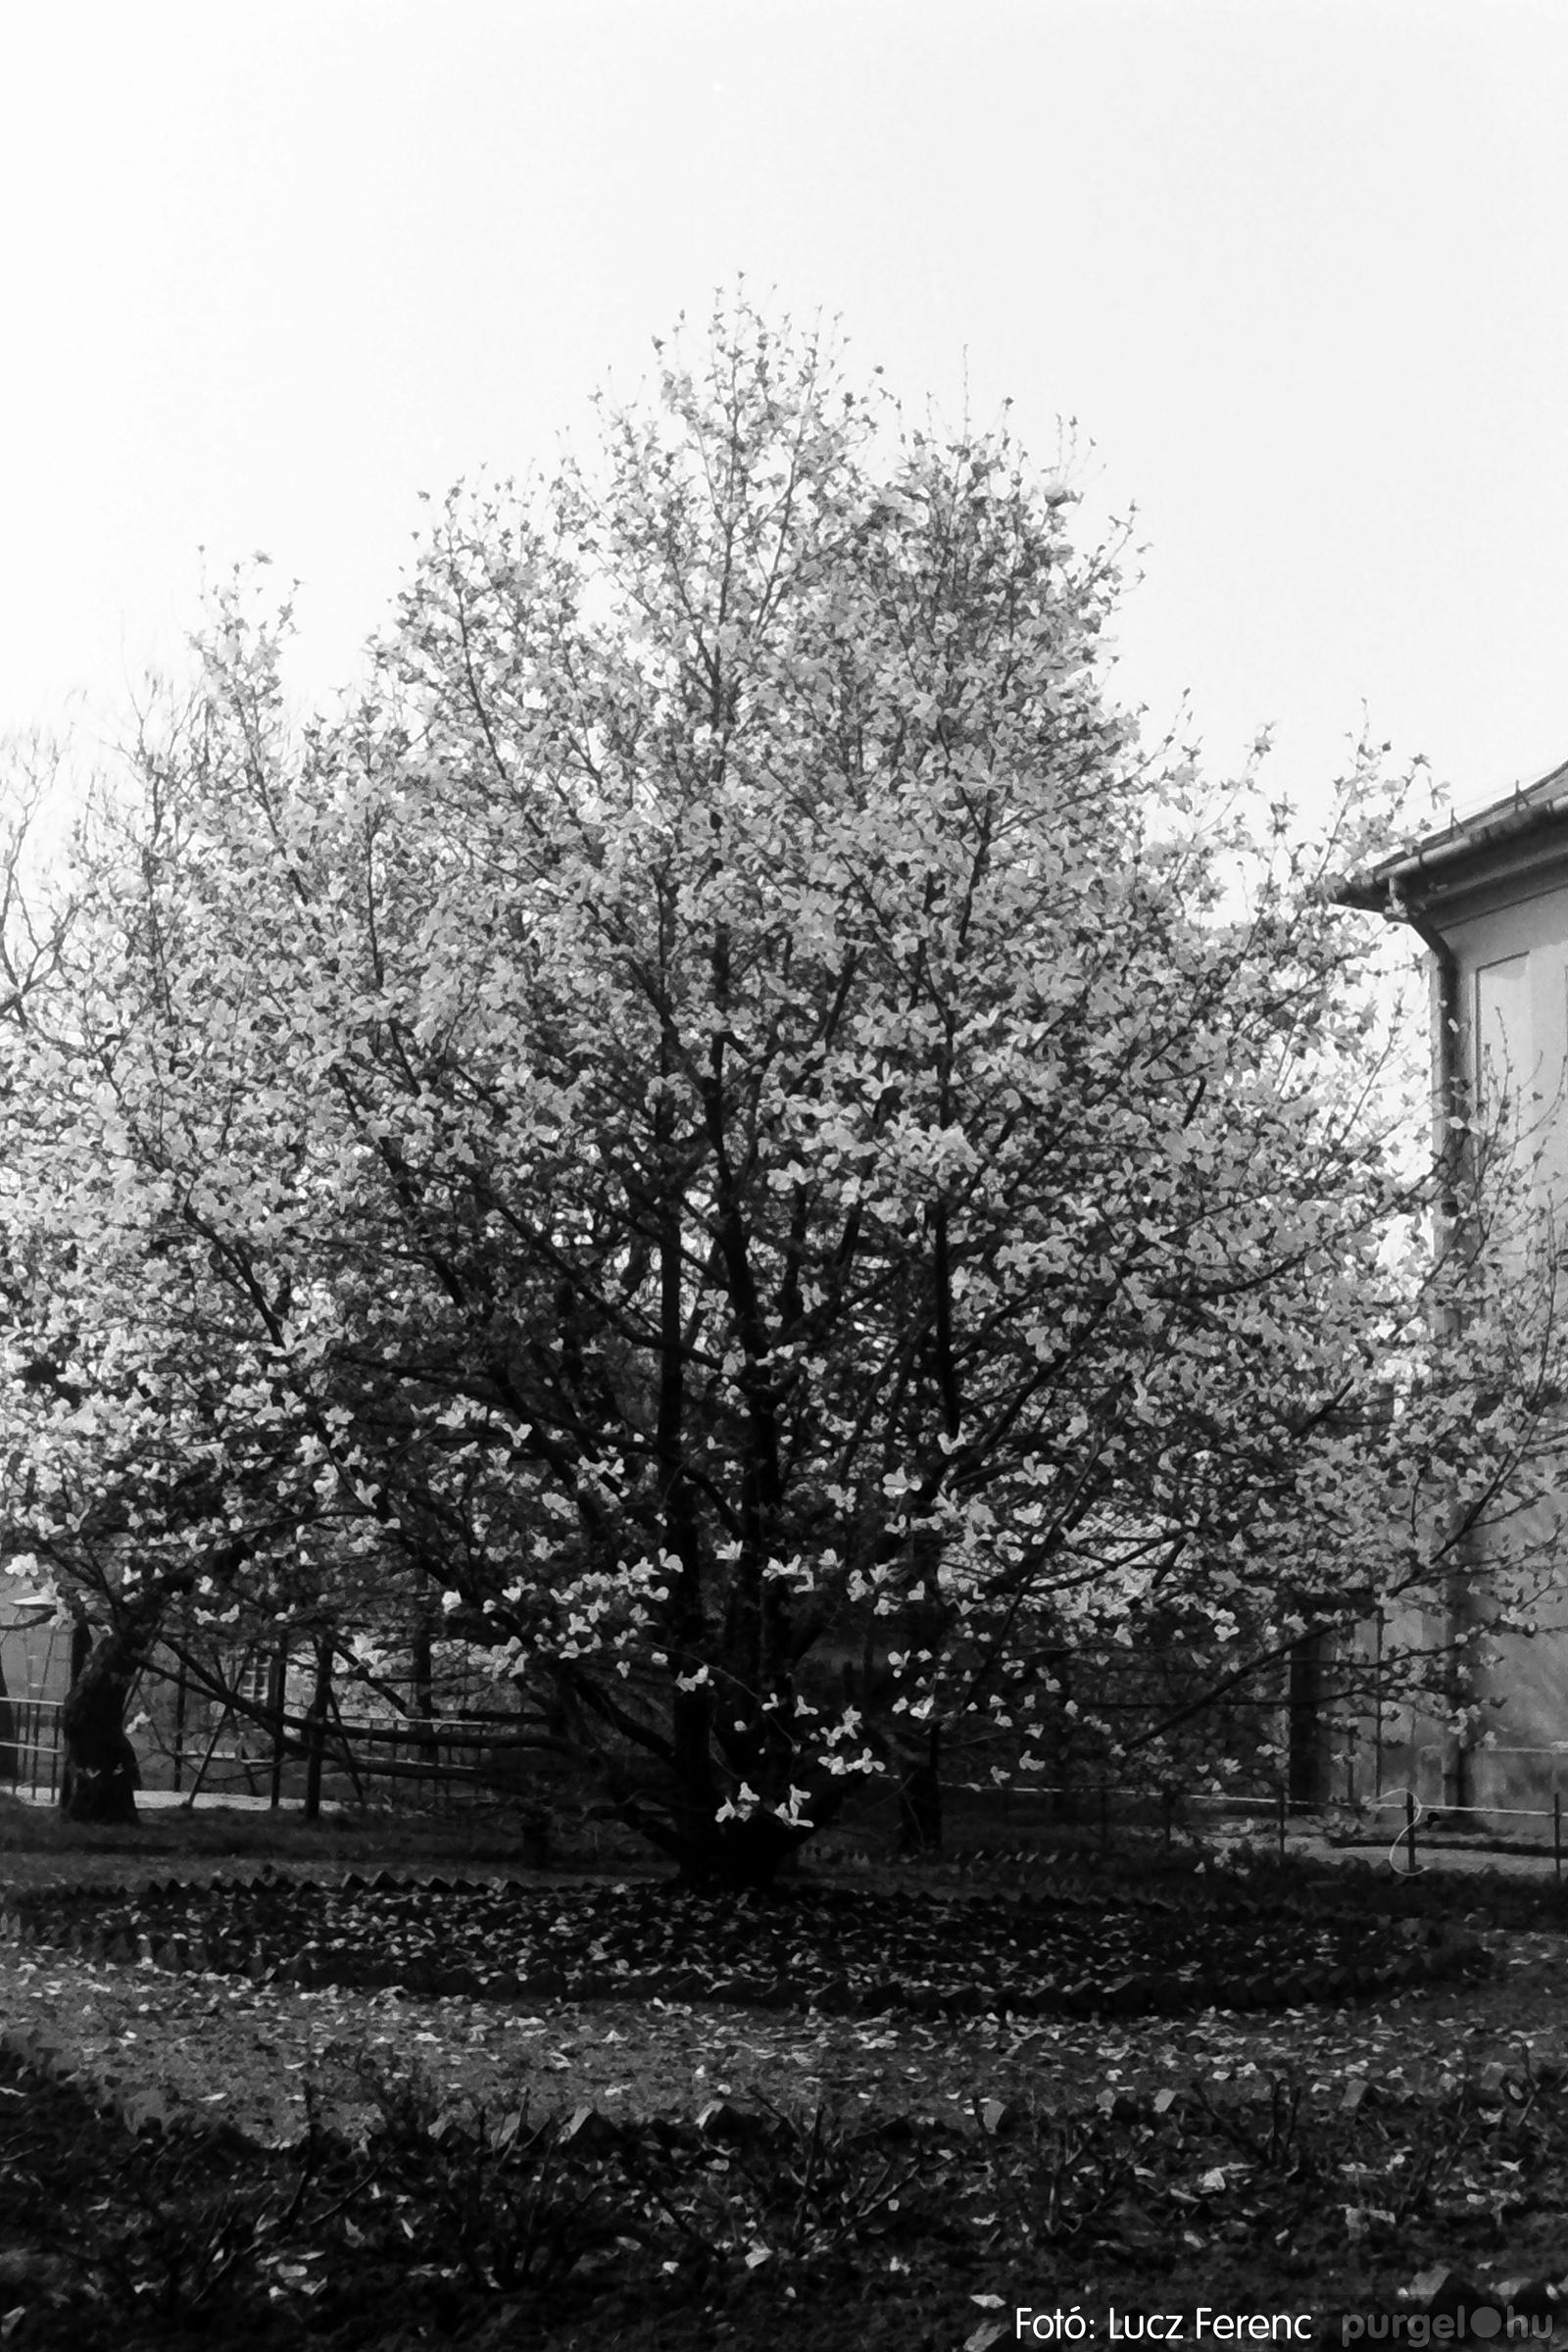 077. 1977. Virágba borult a liliomfa 001. - Fotó: Lucz Ferenc.jpg